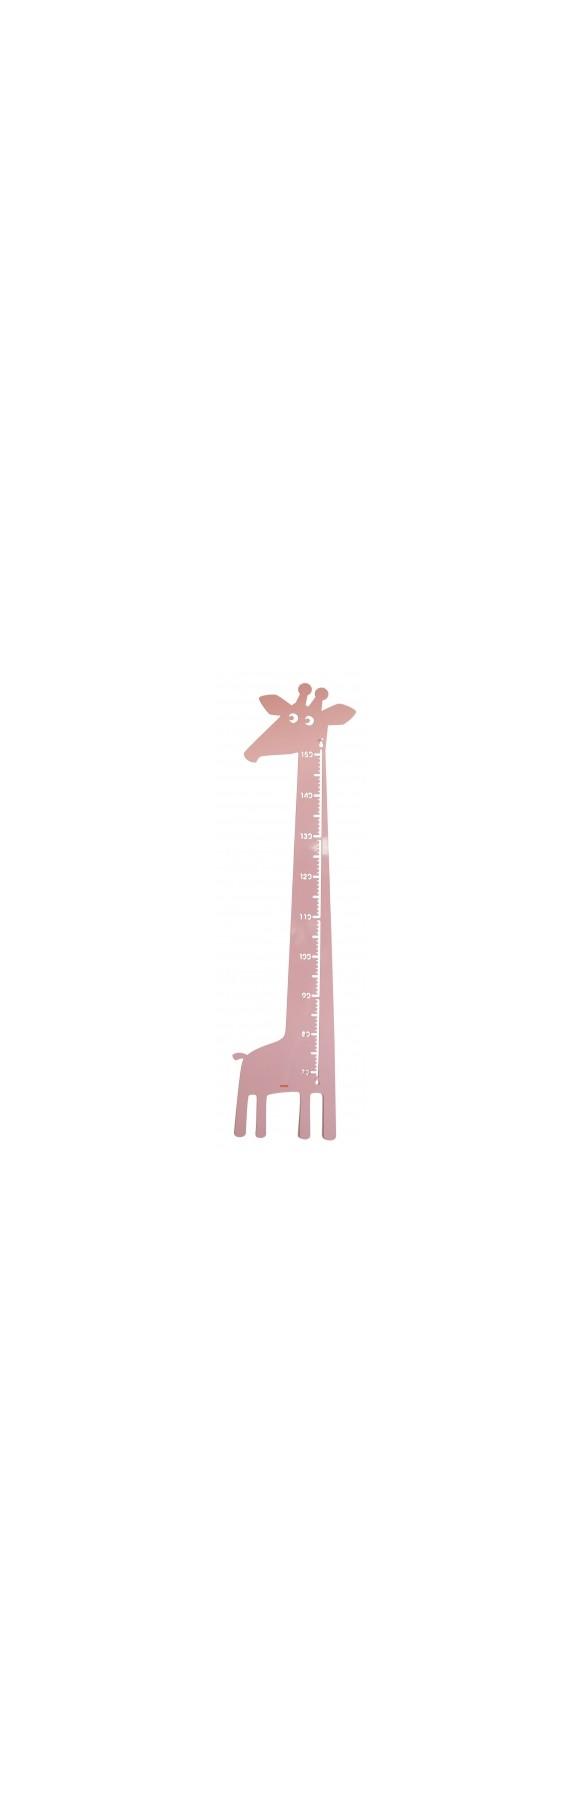 Roommate - Giraf Højdemåler 115 x 28 cm - Rosa